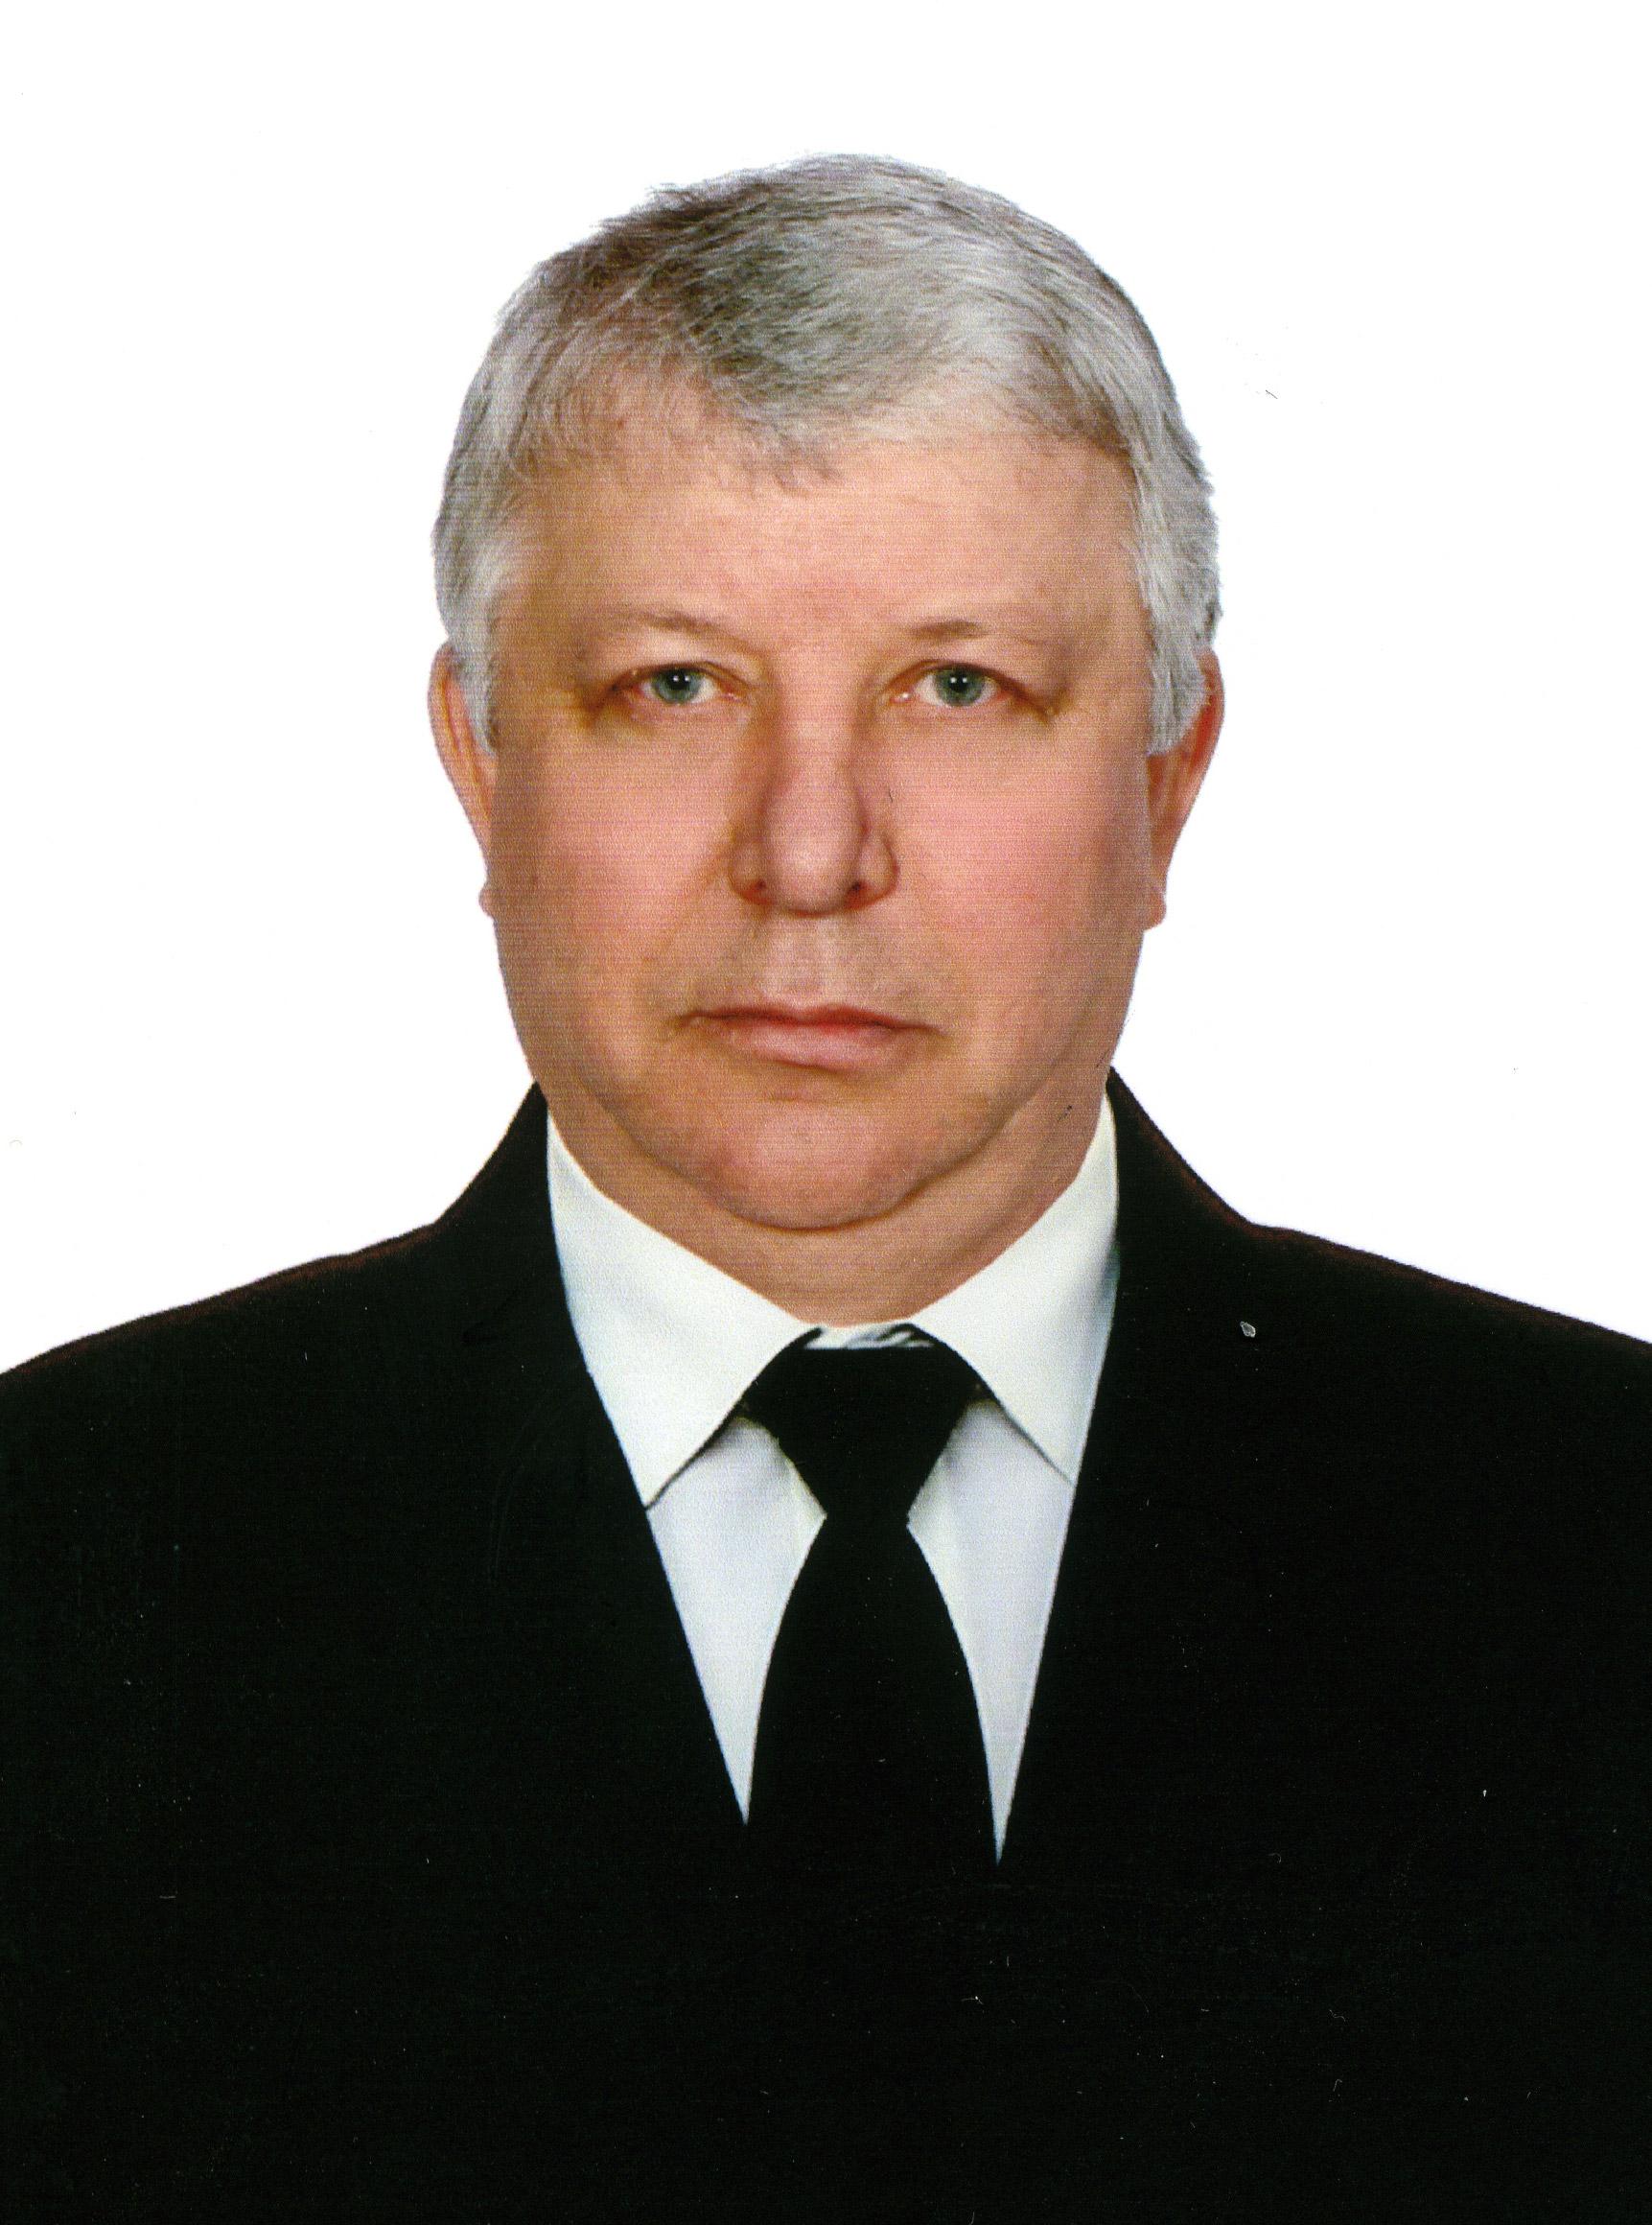 60 лет генеральному директору ОАО «Павловский элеватор» Сергею Григорьевичу НИКОЛАЕВУ